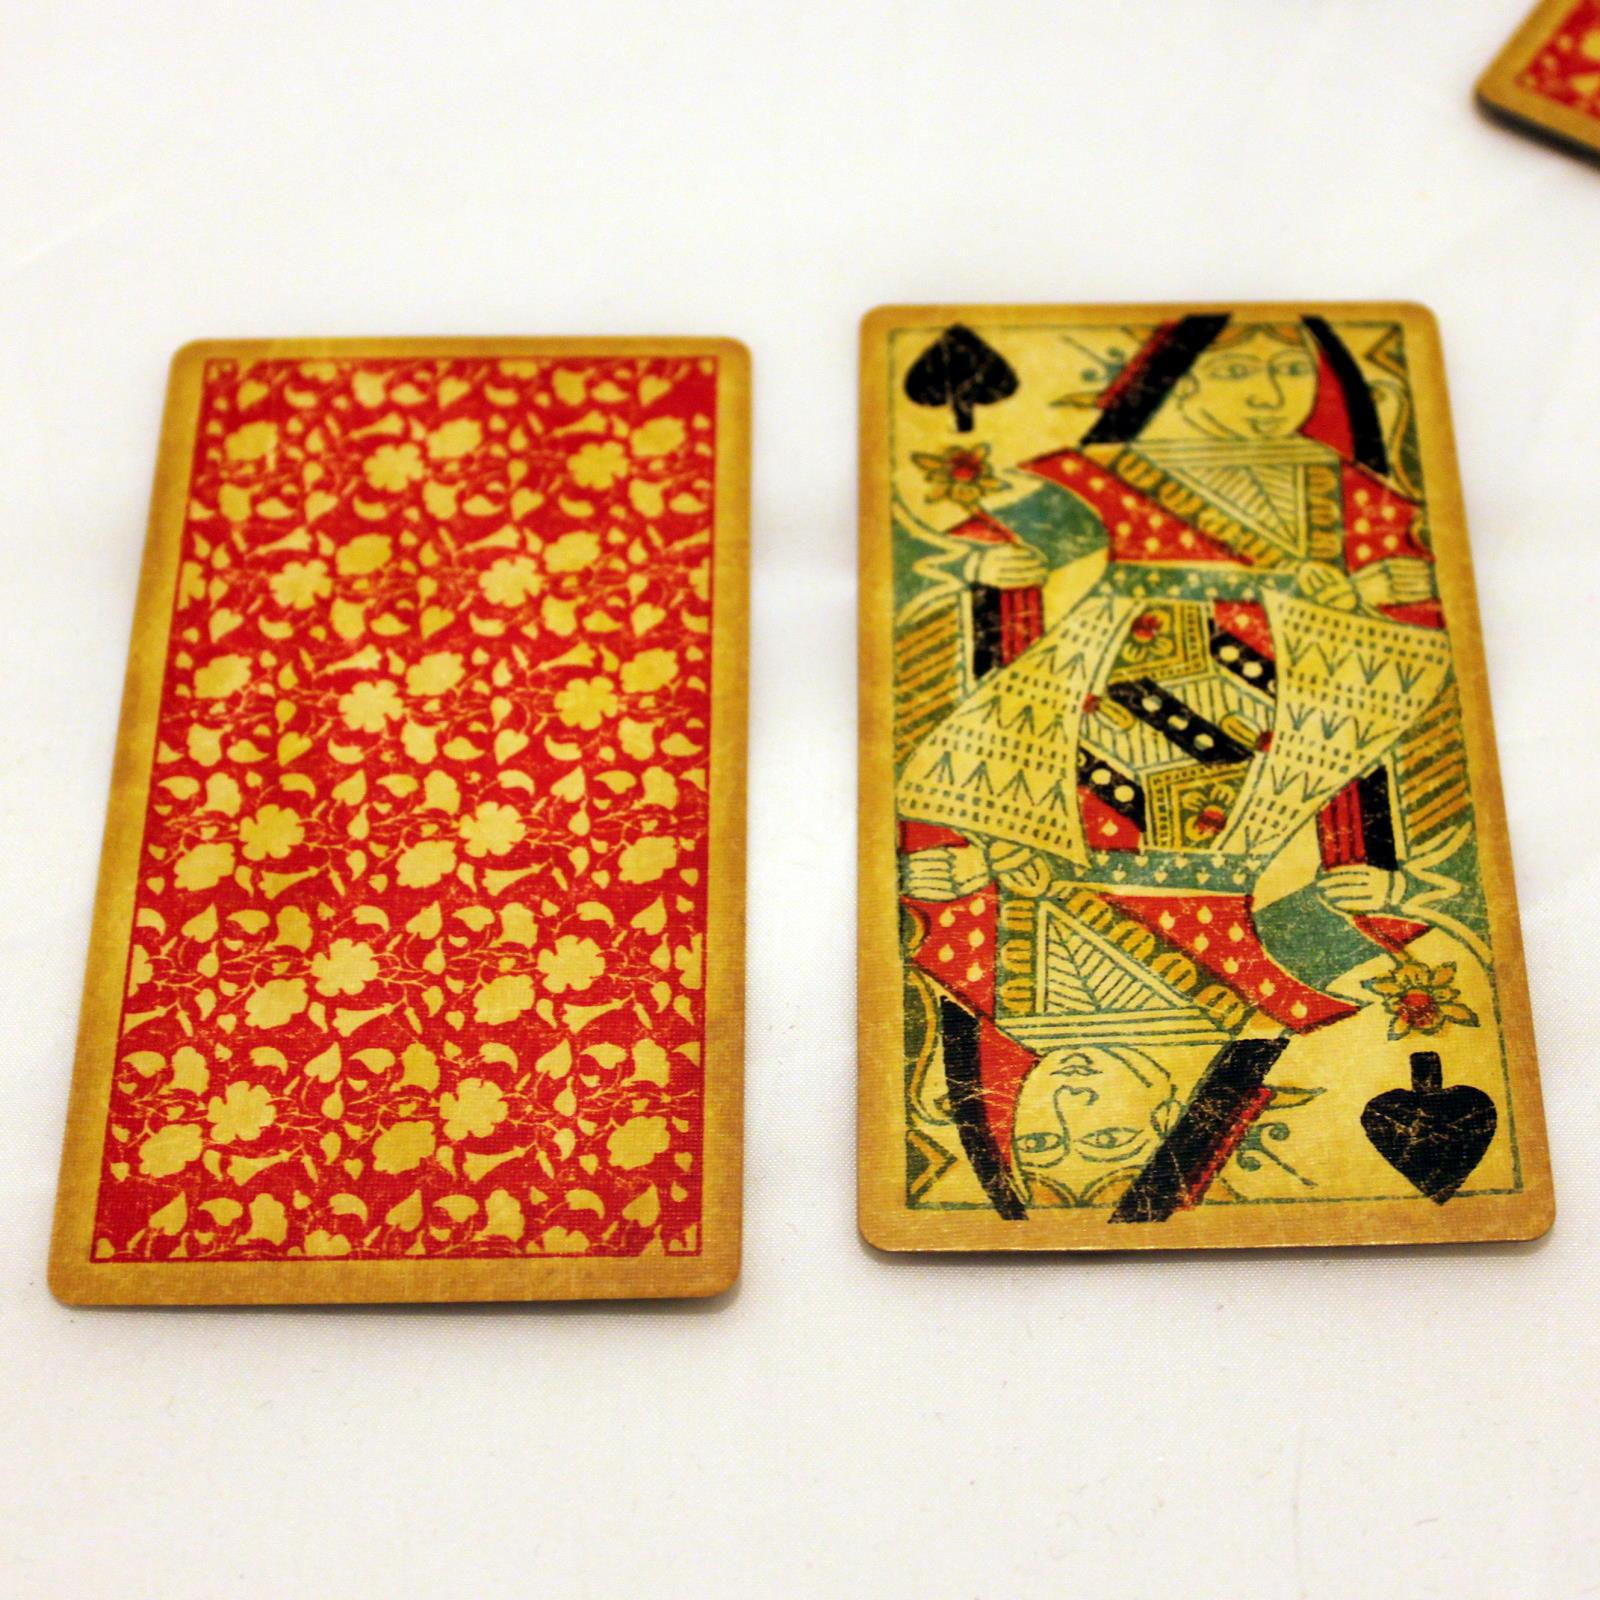 Card-Shark - Gypsy Deck by Card-Shark